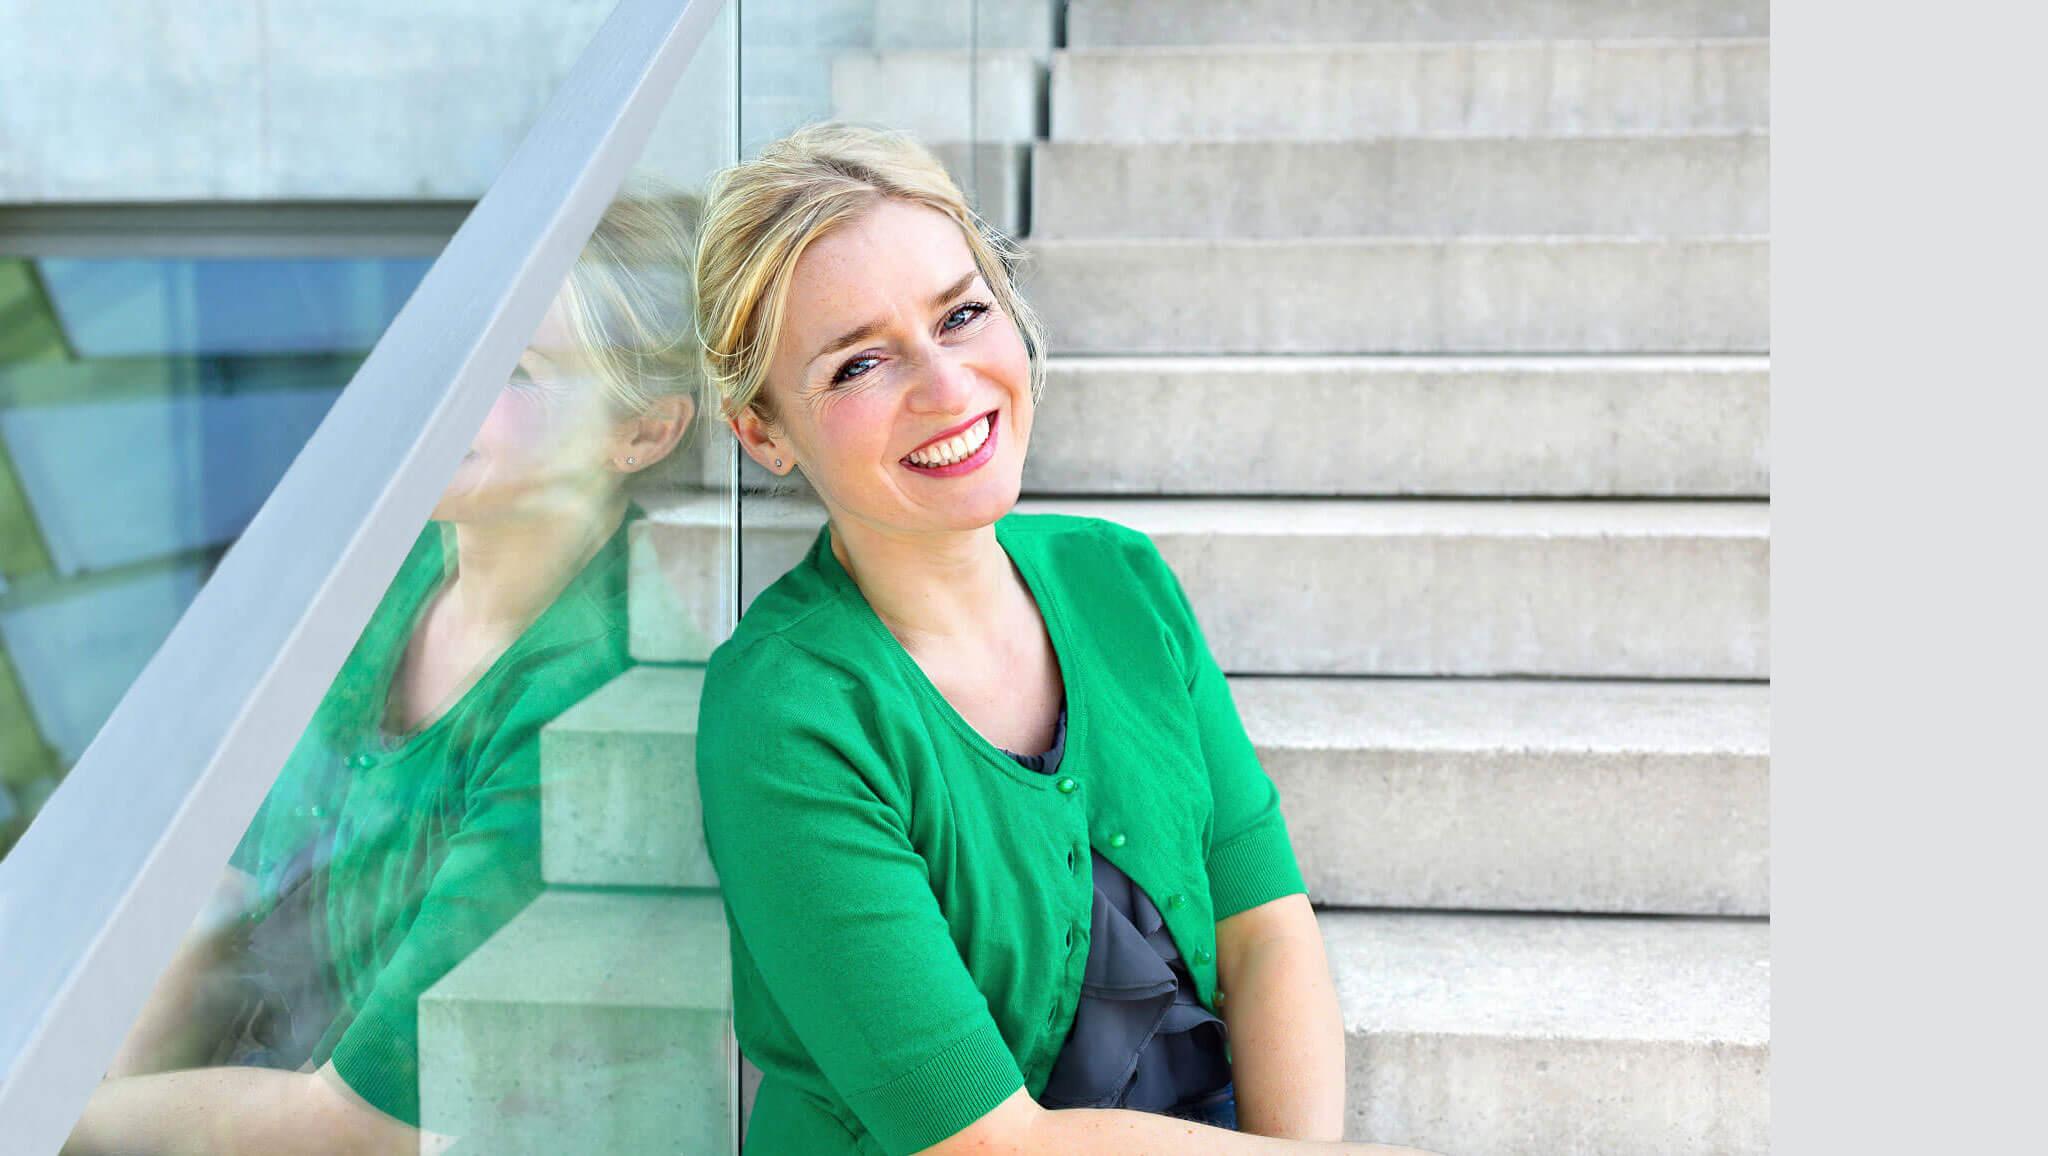 lockeres Businessportrait einer Frau auf der Treppe